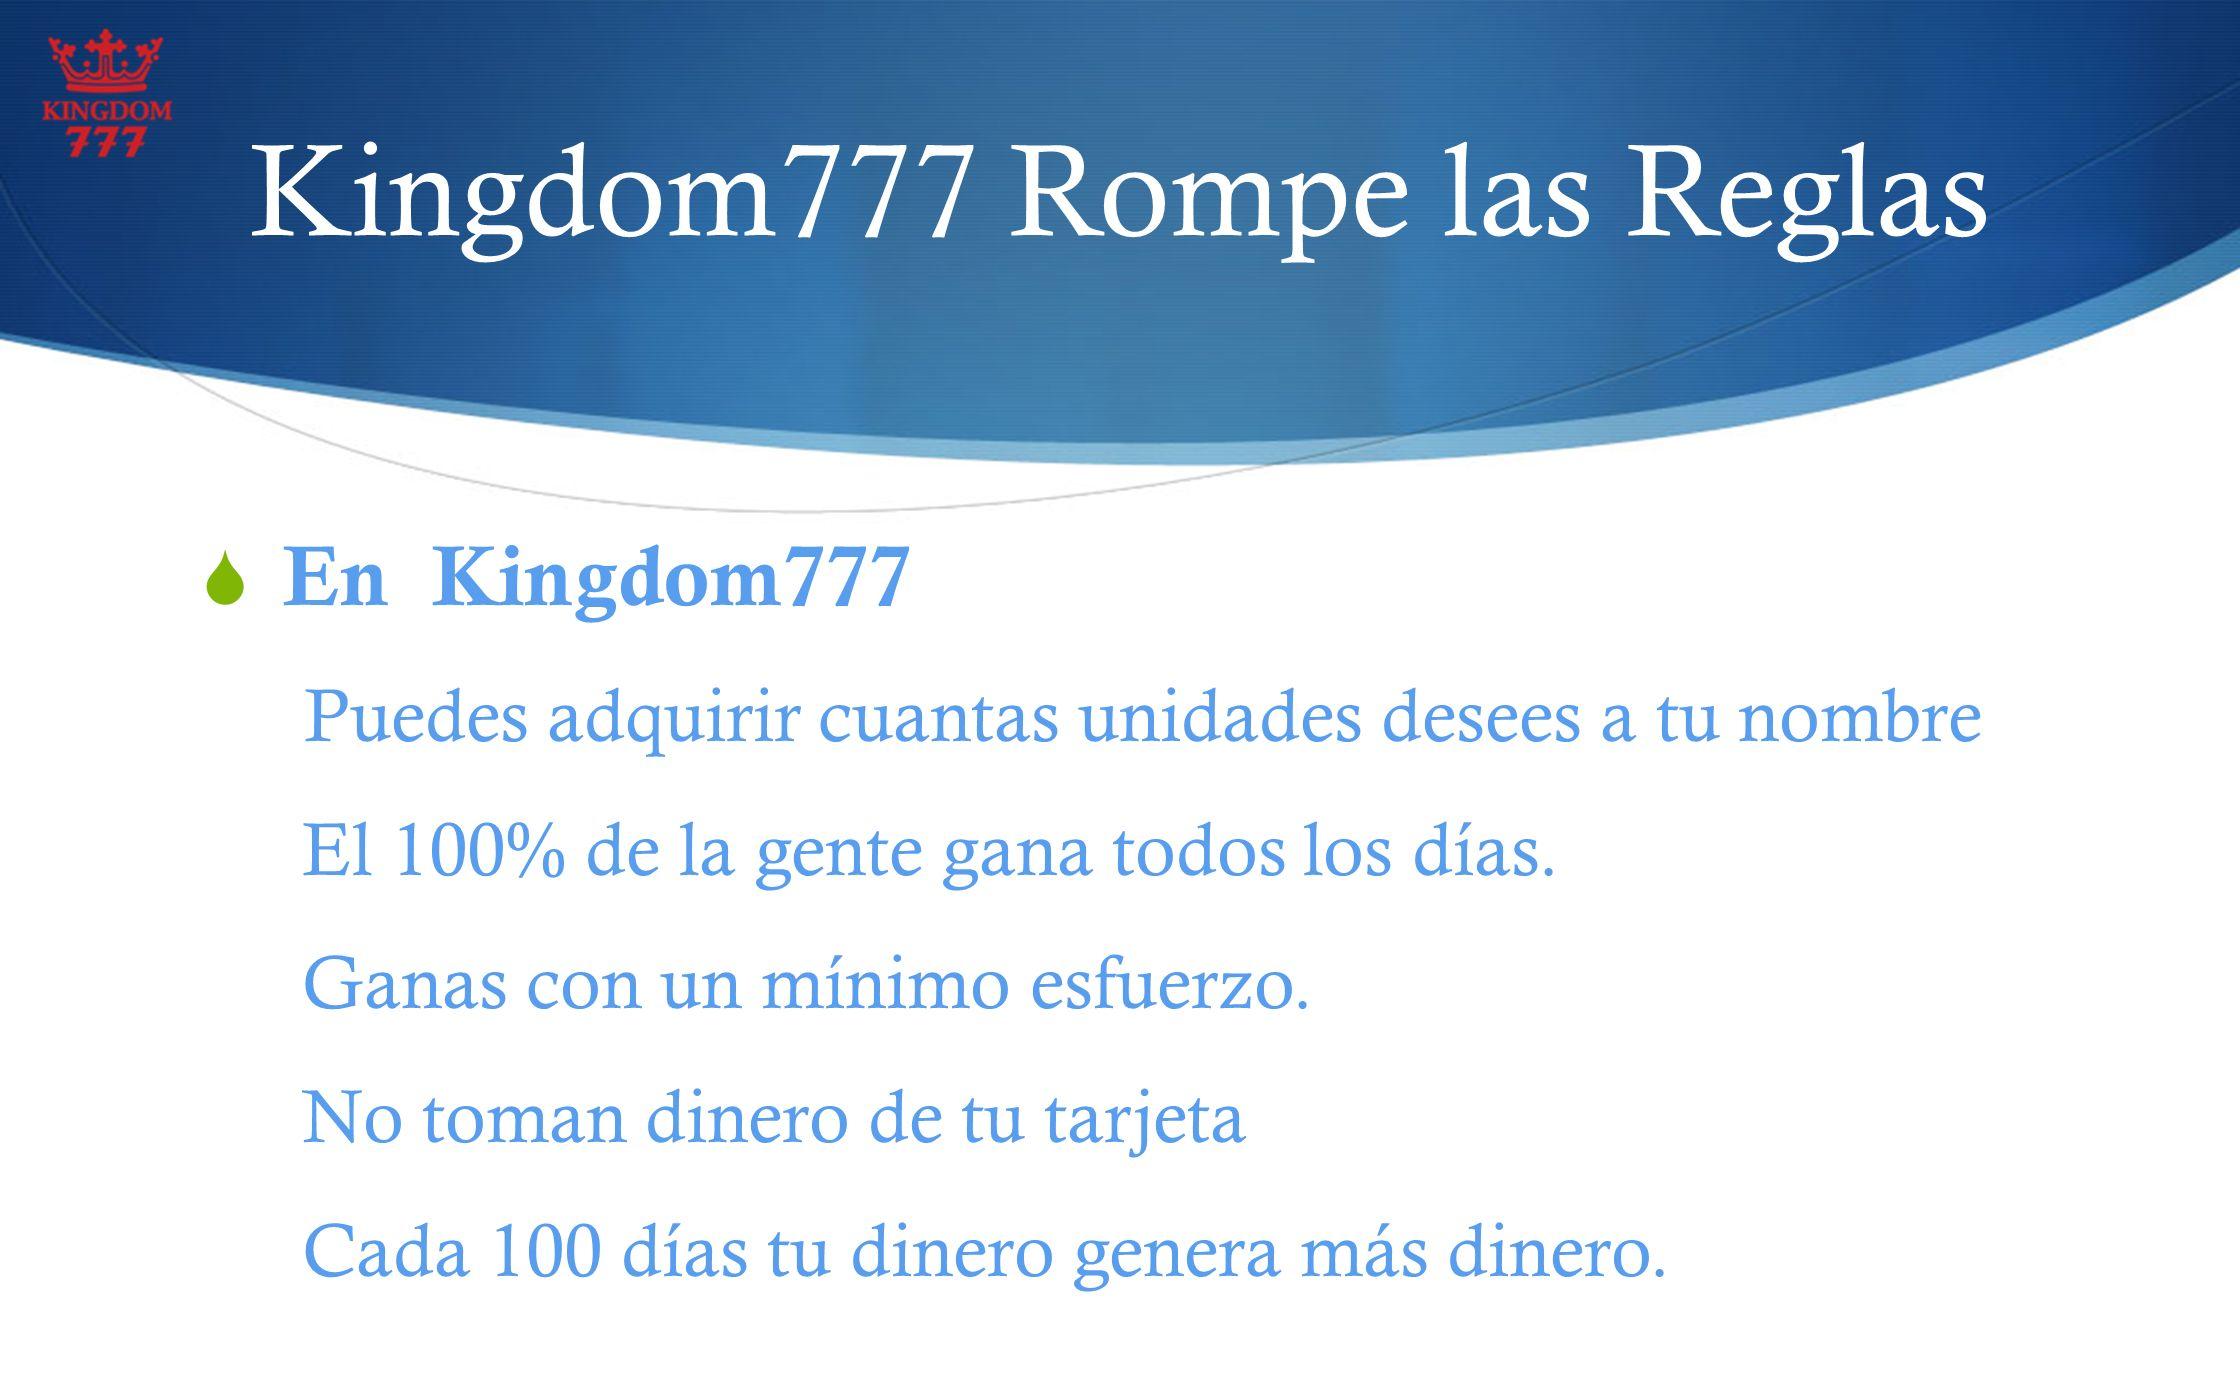 Kingdom777 Rompe las Reglas En Kingdom777 Puedes adquirir cuantas unidades desees a tu nombre El 100% de la gente gana todos los días. Ganas con un mí